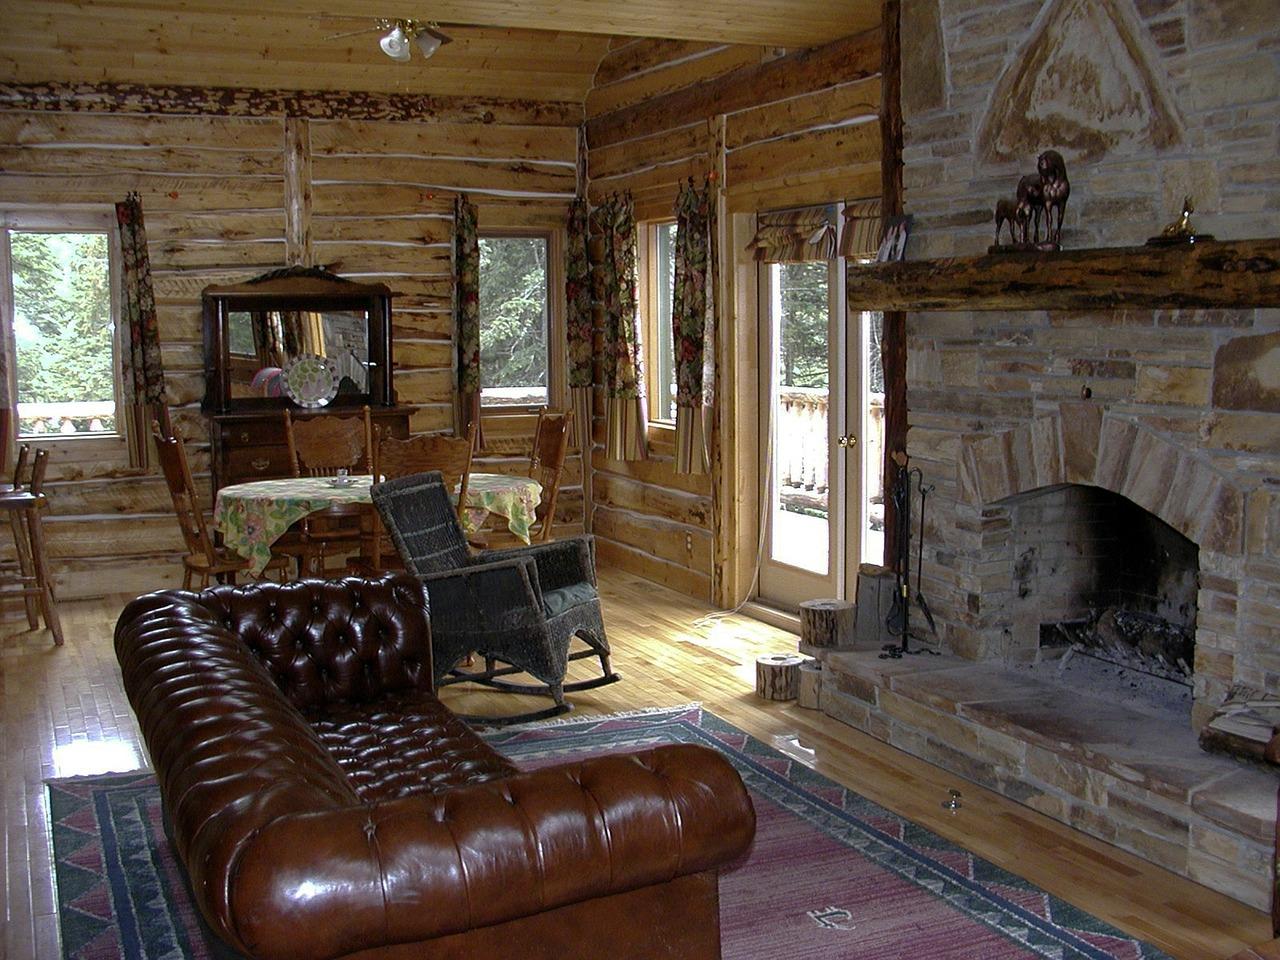 Arredamento Casa Western come arredare casa in stile country chic: 10 idee da copiare